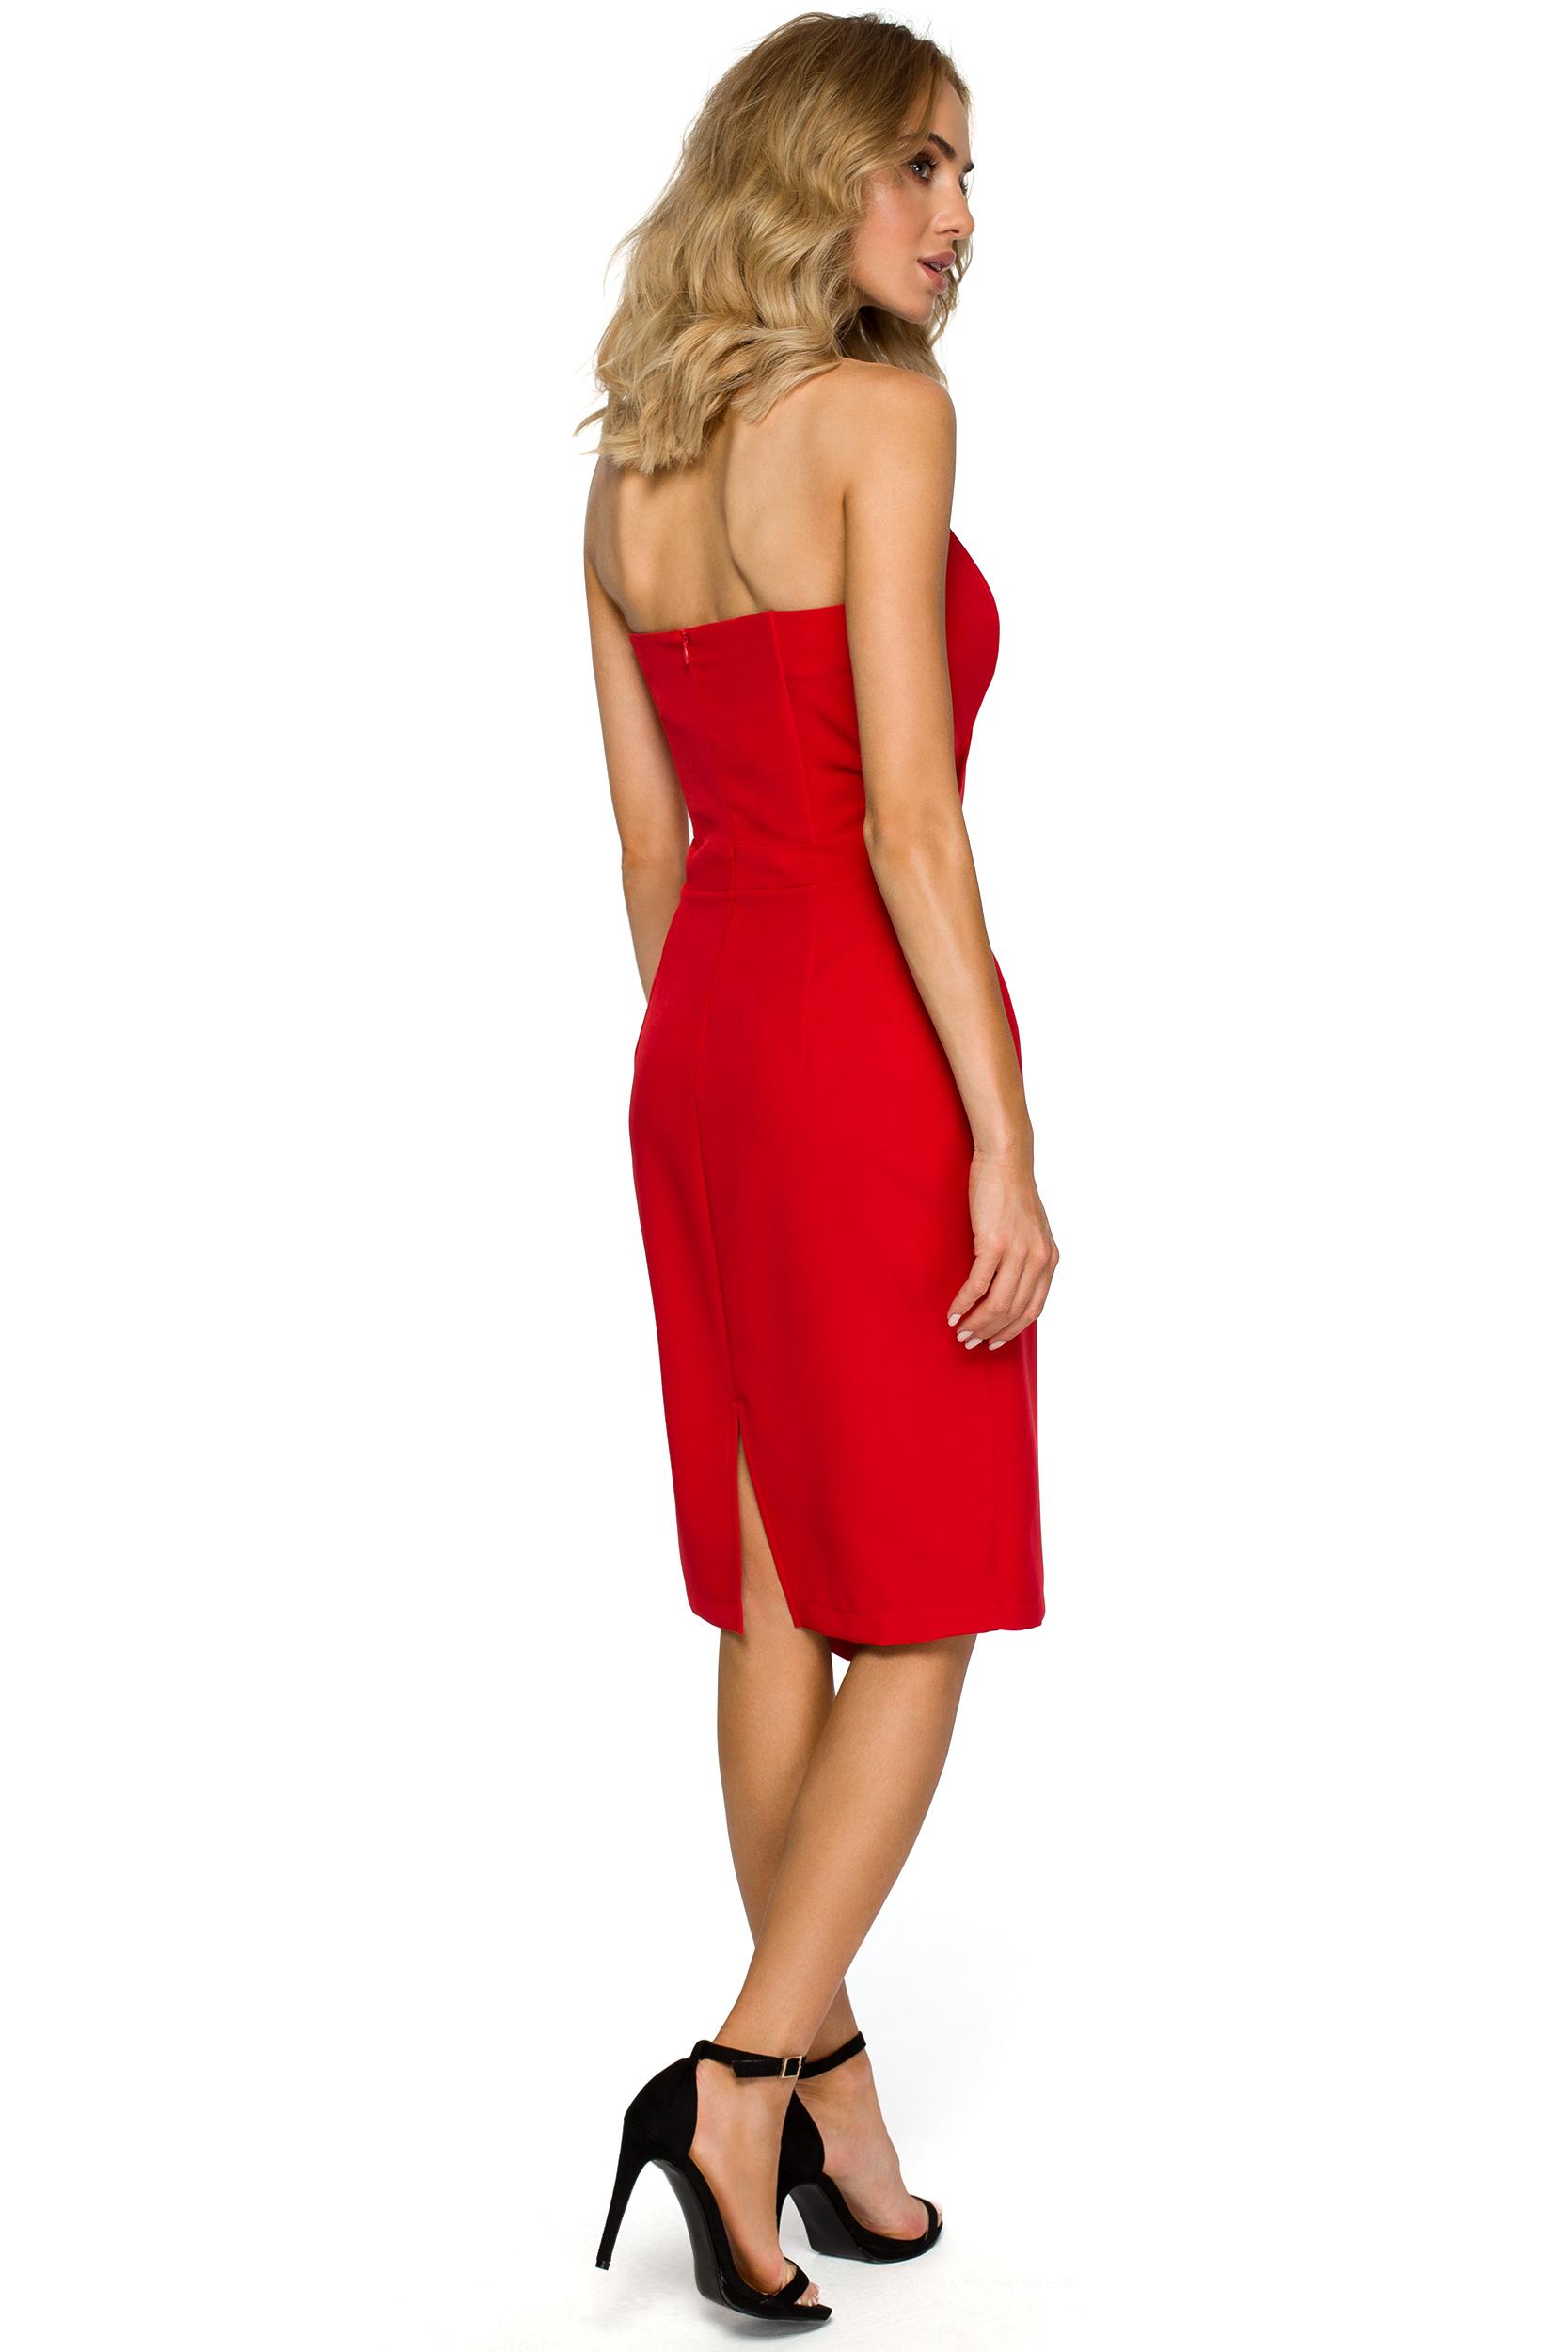 82bc4f84ca Asymetryczna sukienka wieczorowa z gorsetem czerwona M409